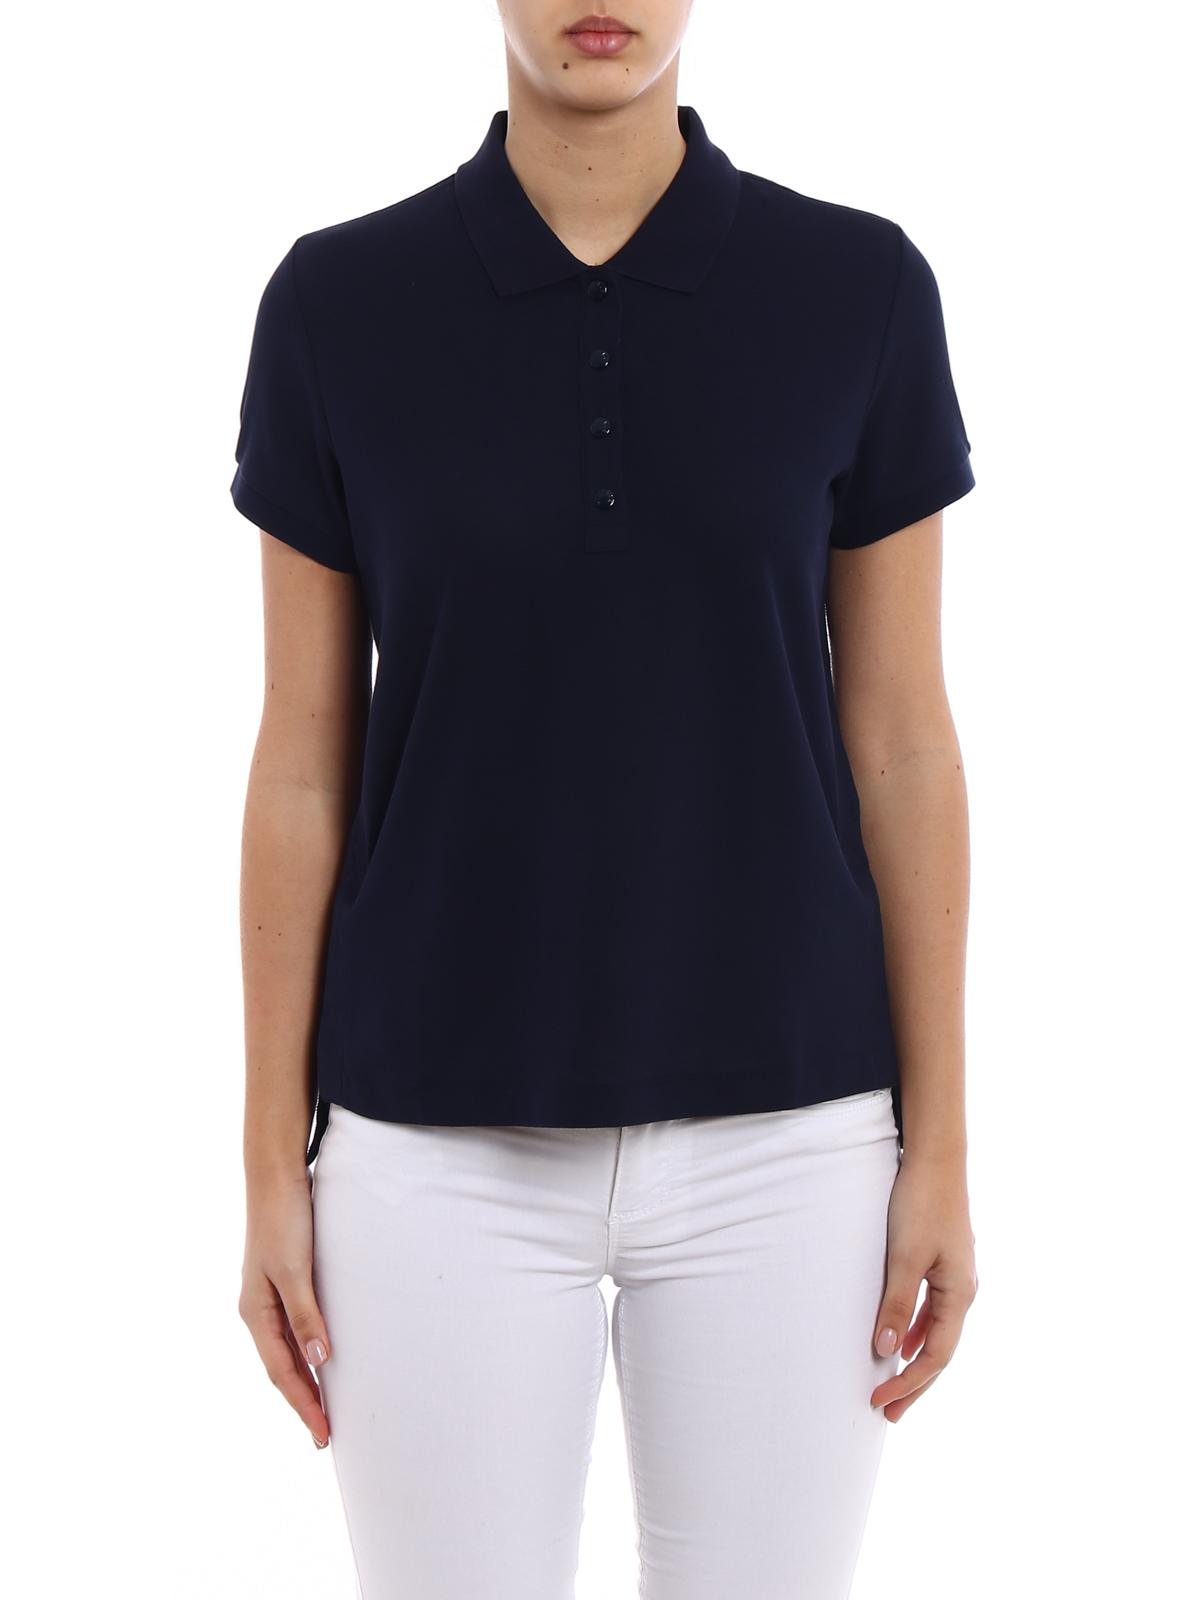 0c9f66724 Moncler - Blue navy pique polo shirt - polo shirts - 8390600 84667 778